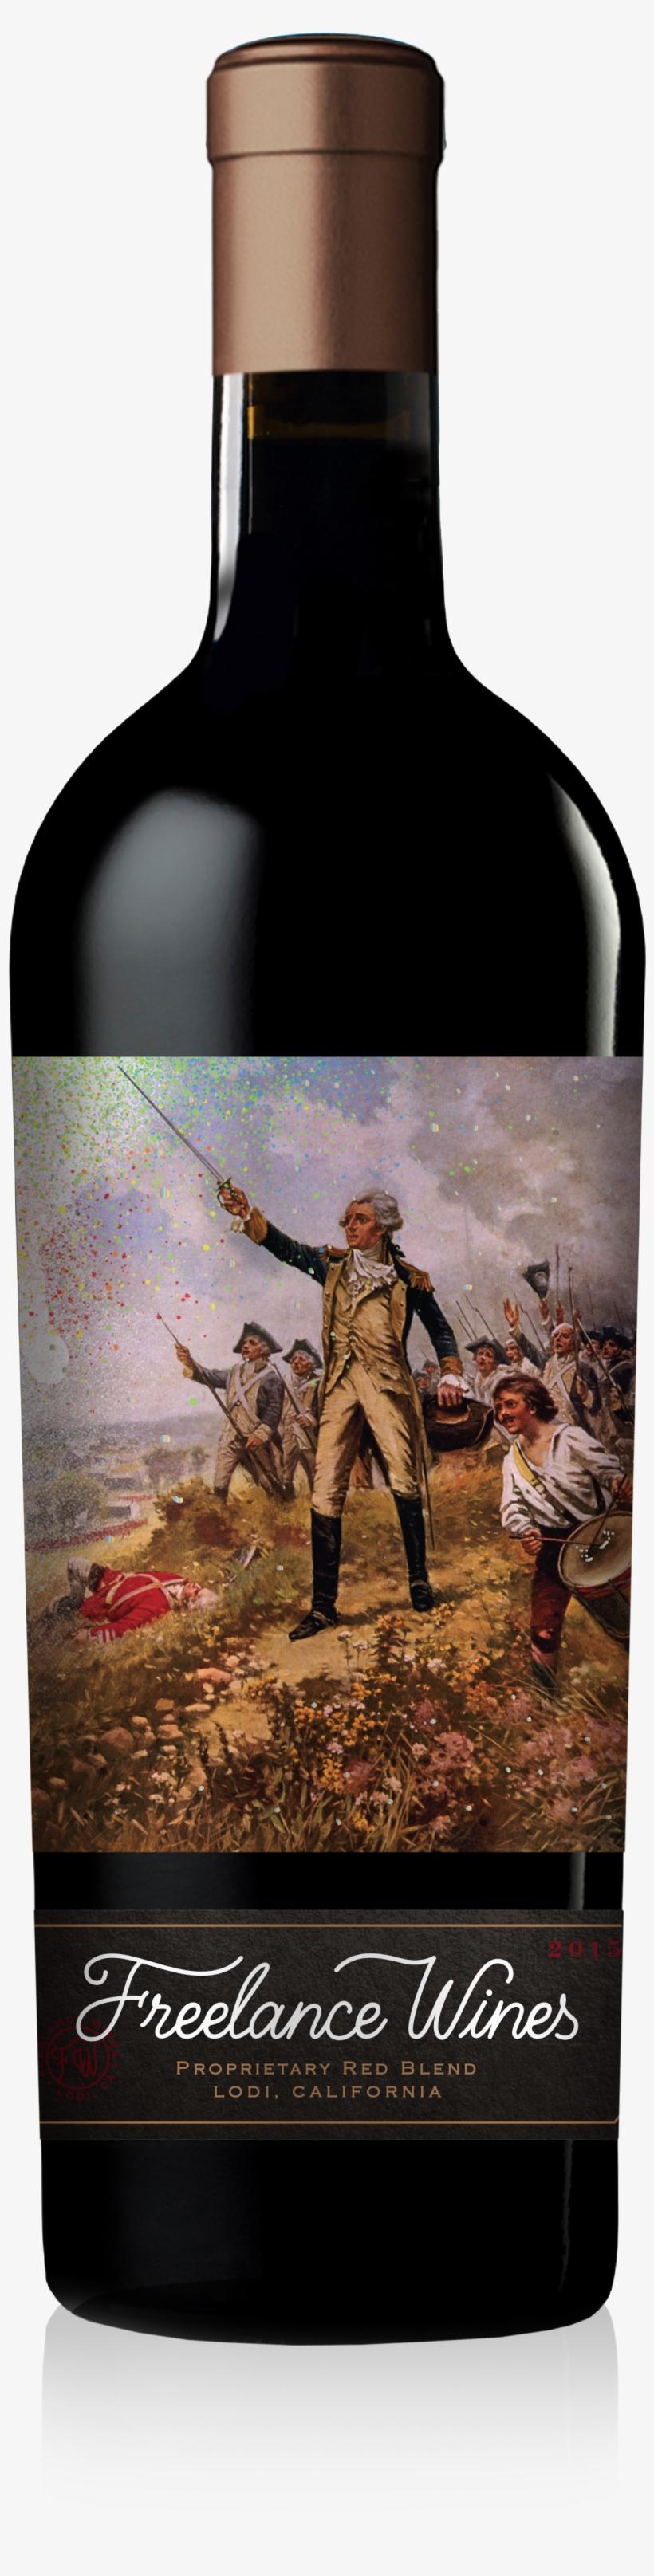 Coup De Grace 2015 Hero Shot Front - Wine Bottle, transparent png #10116200